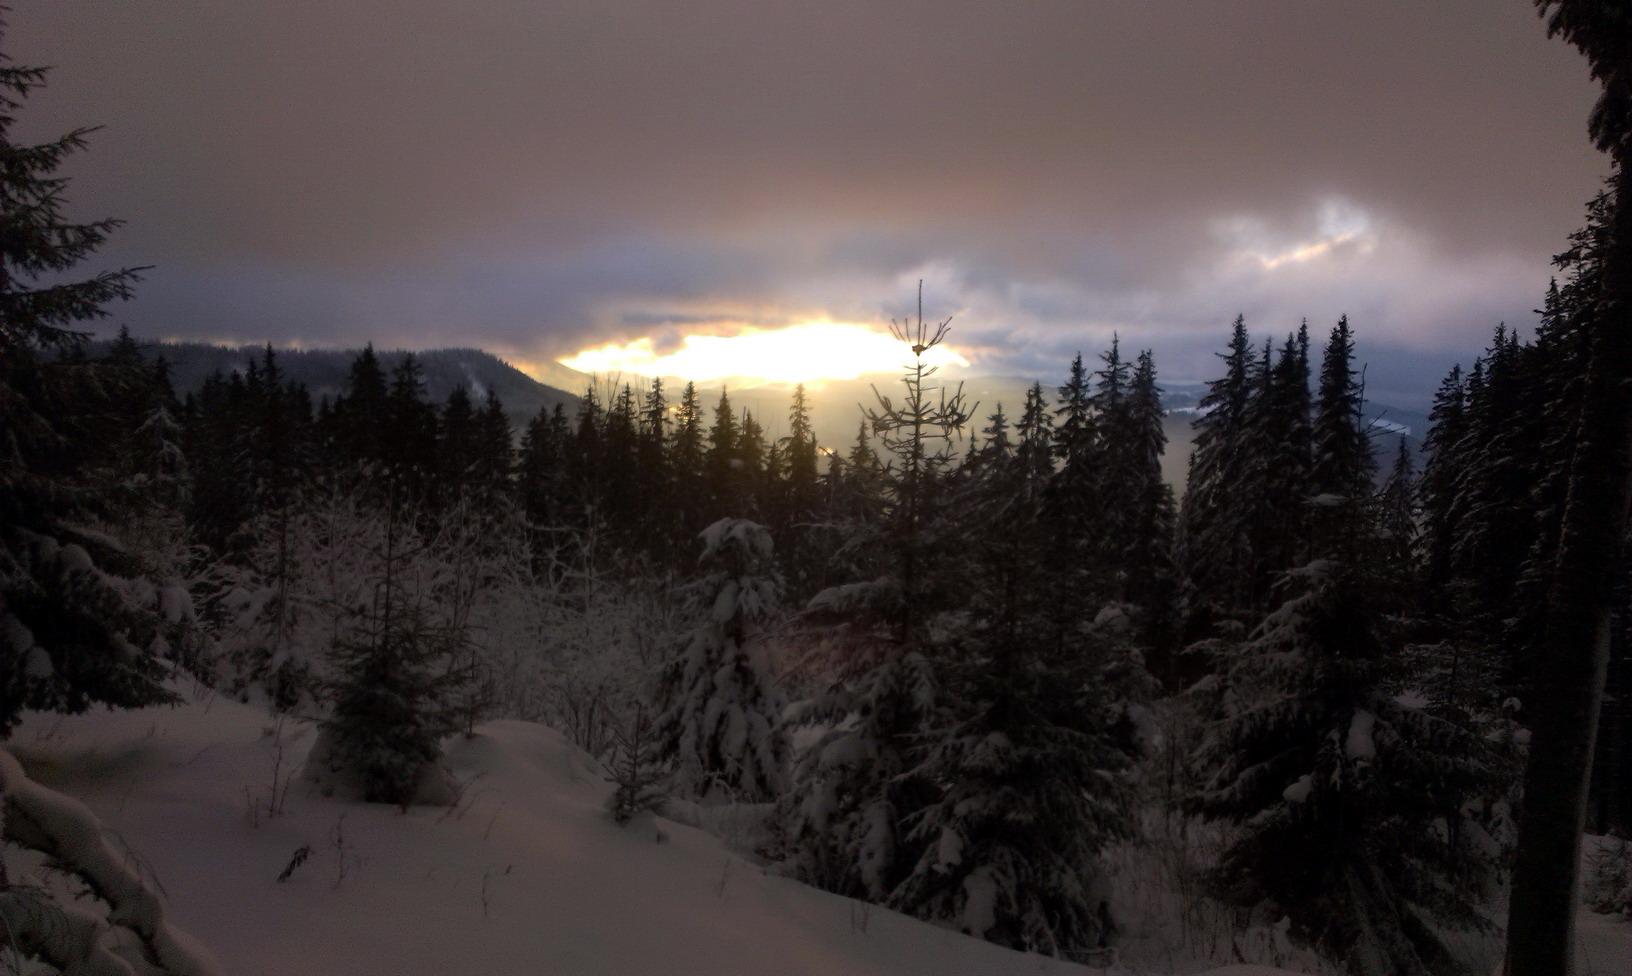 8:34. Сонце сходить. Ще через 10 хвилин сонце сховалось і не було його до вечора